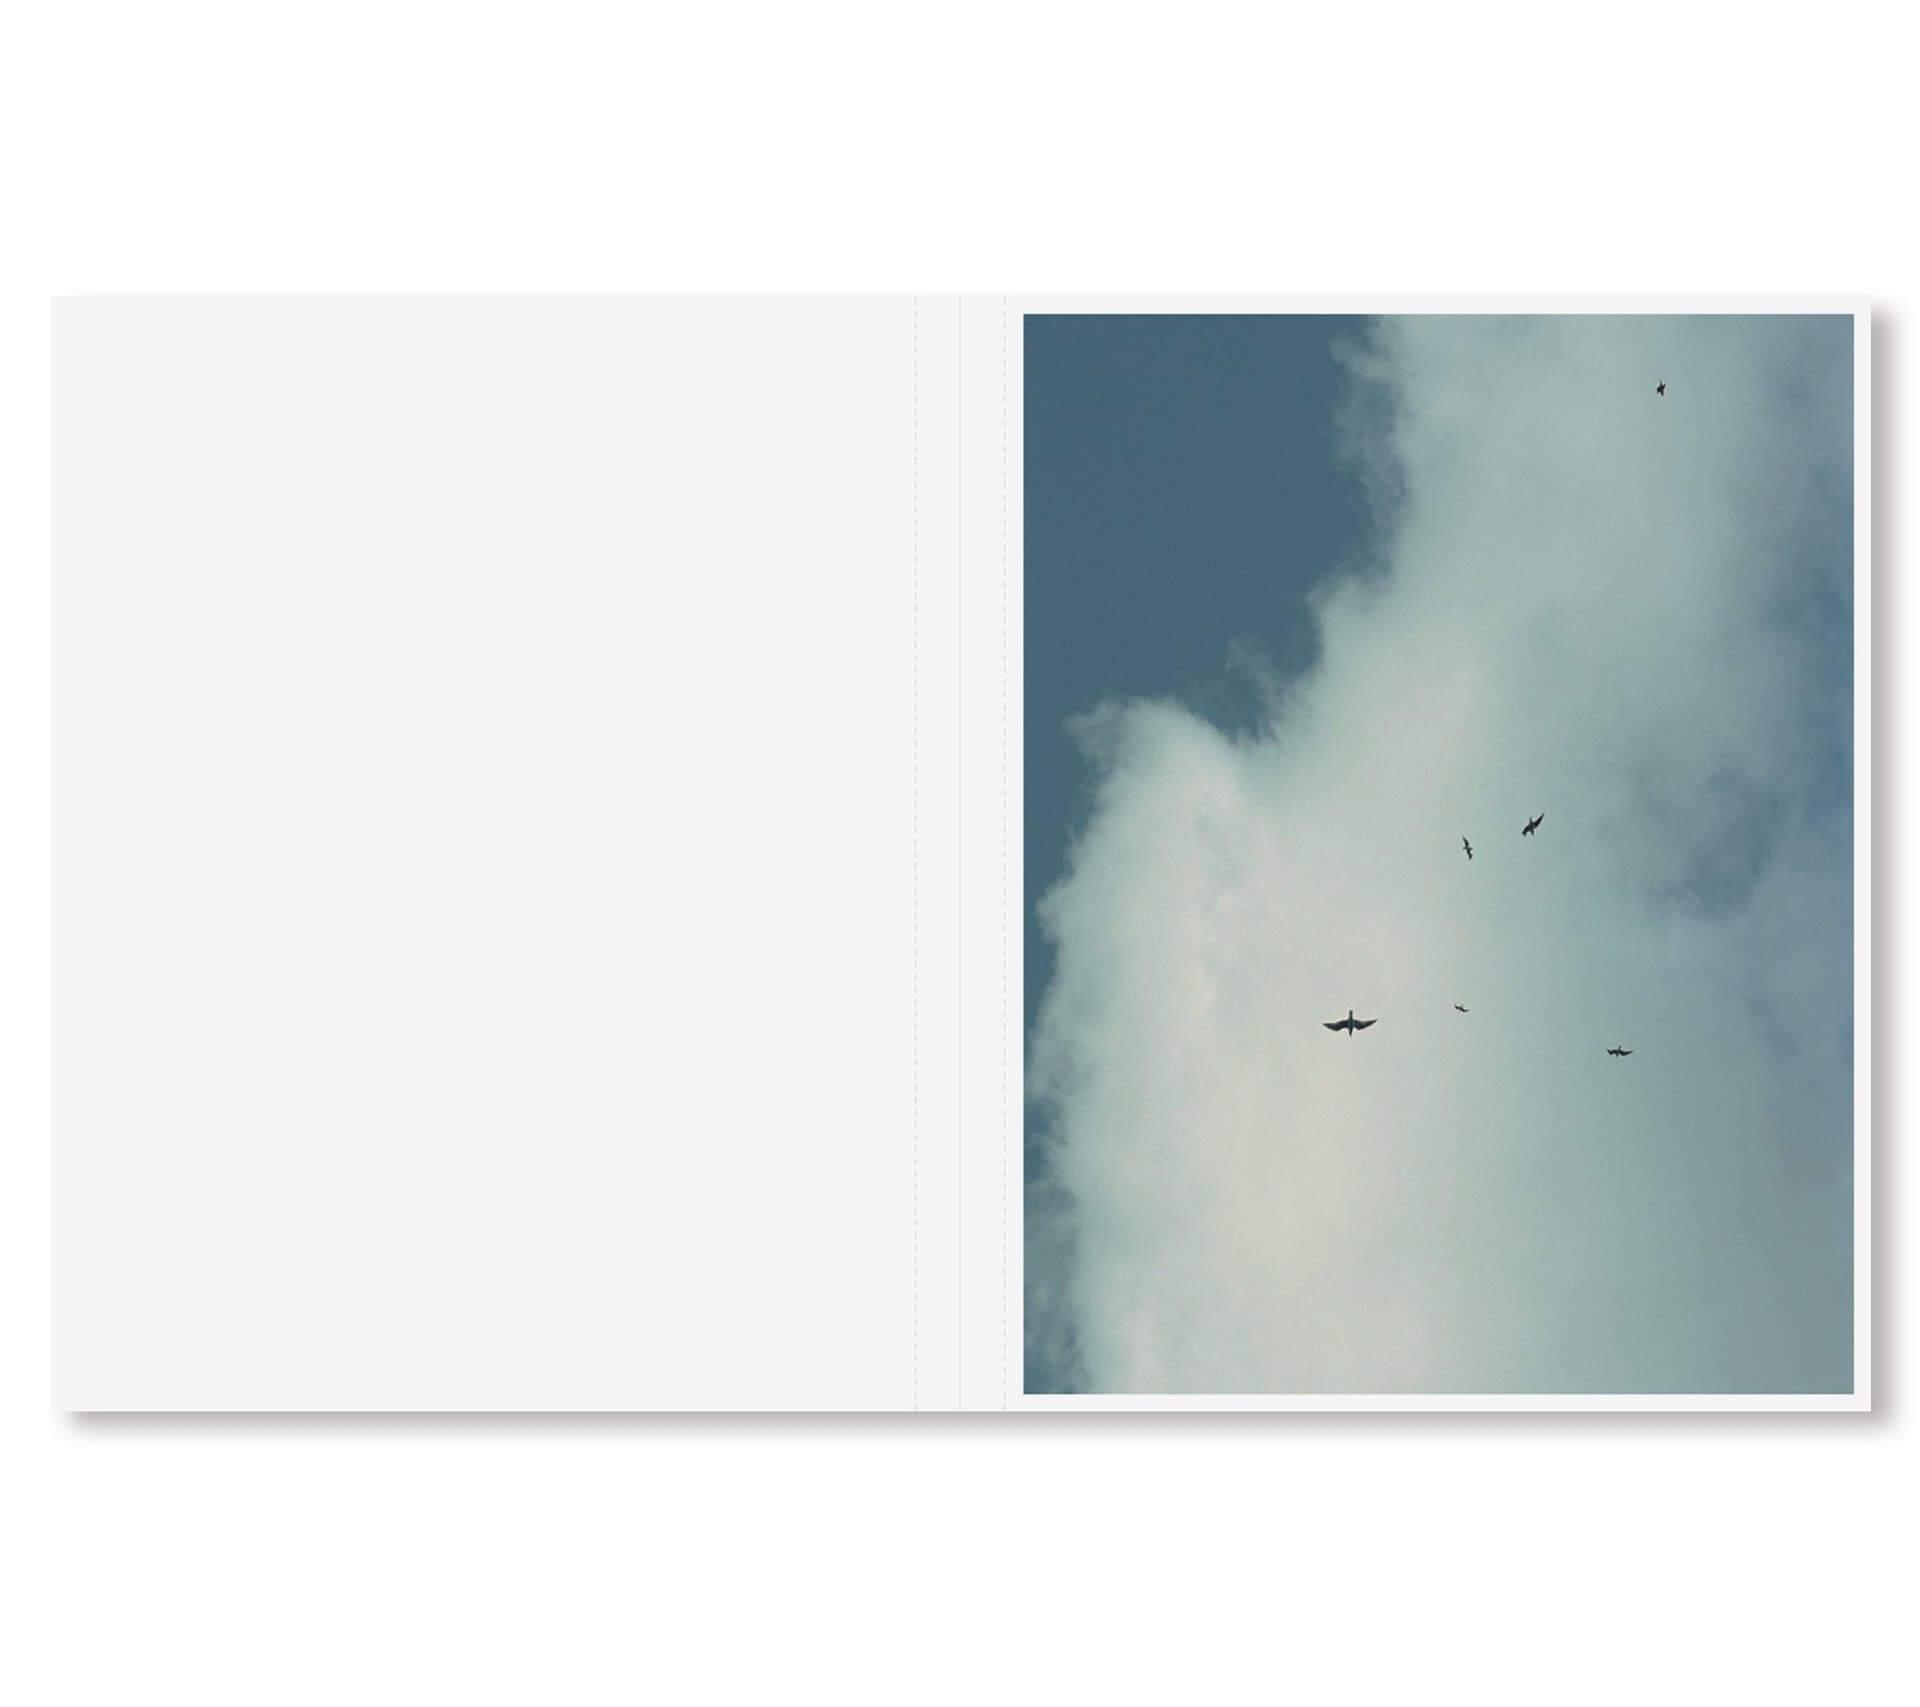 アートブックノススメ|Qetic編集部が選ぶ4冊/横浪修 他 column210730_artbook-012